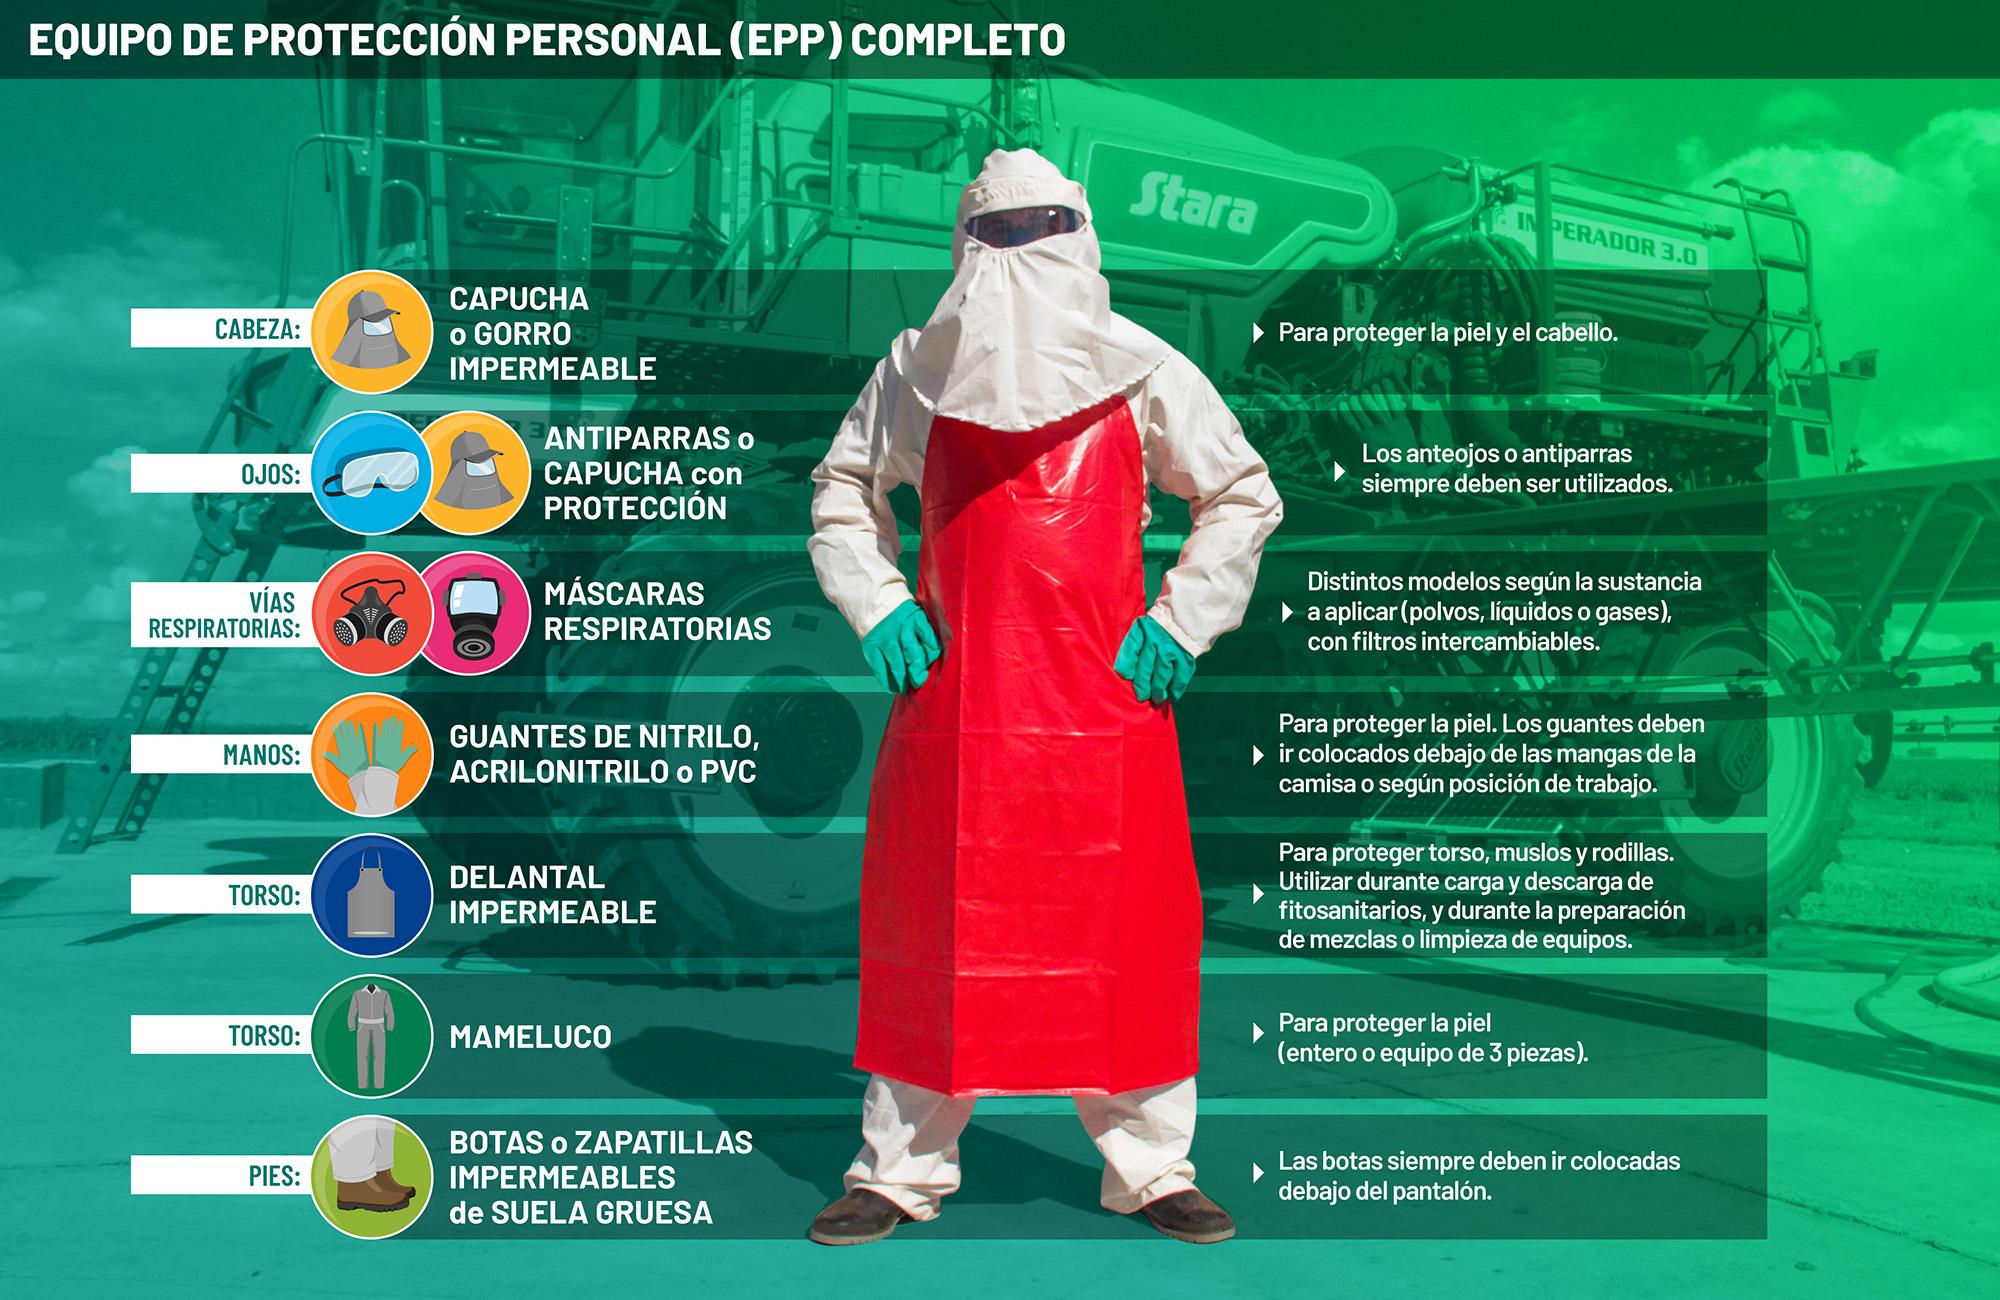 equipo de protección personal (EPP) completo Casafe